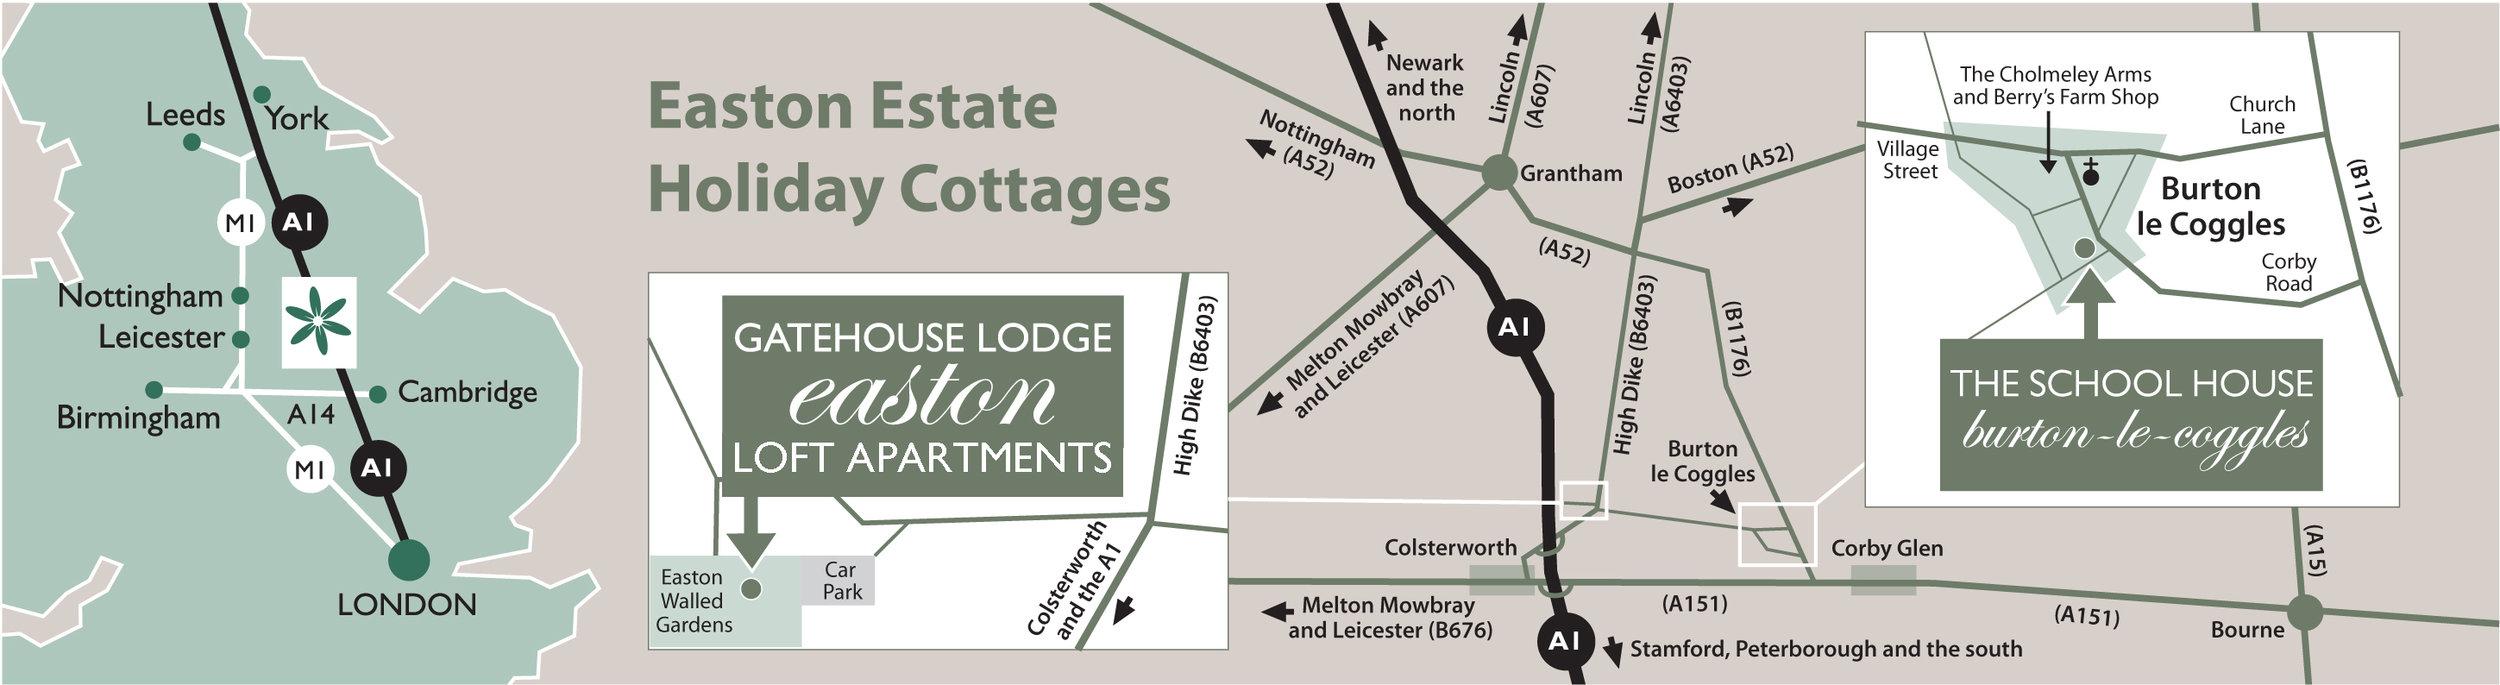 4613 Cottages map.jpg